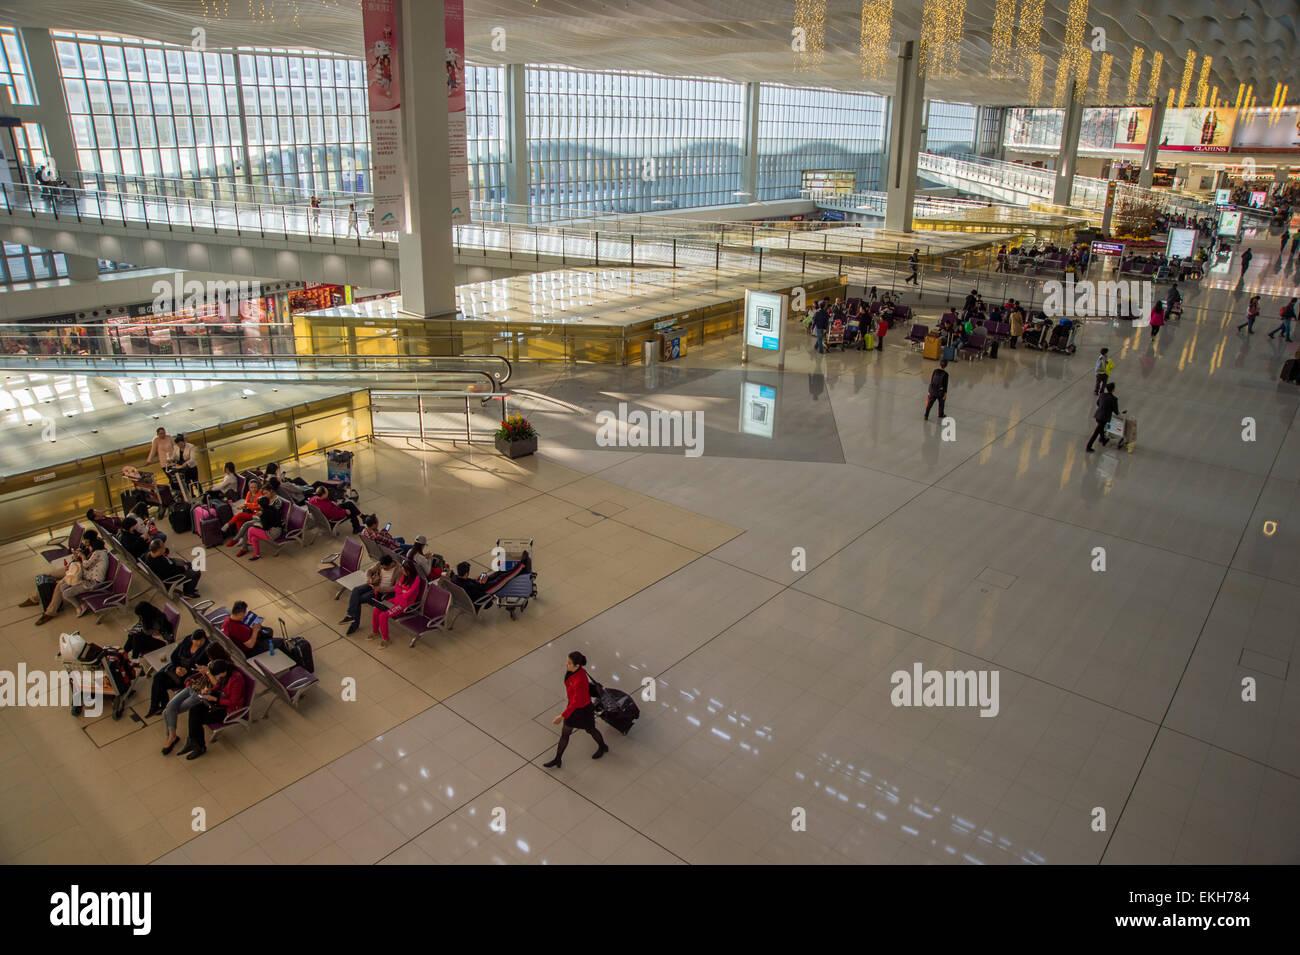 Passengers waiting for their flights at Hong-Kong Airport - Stock Image